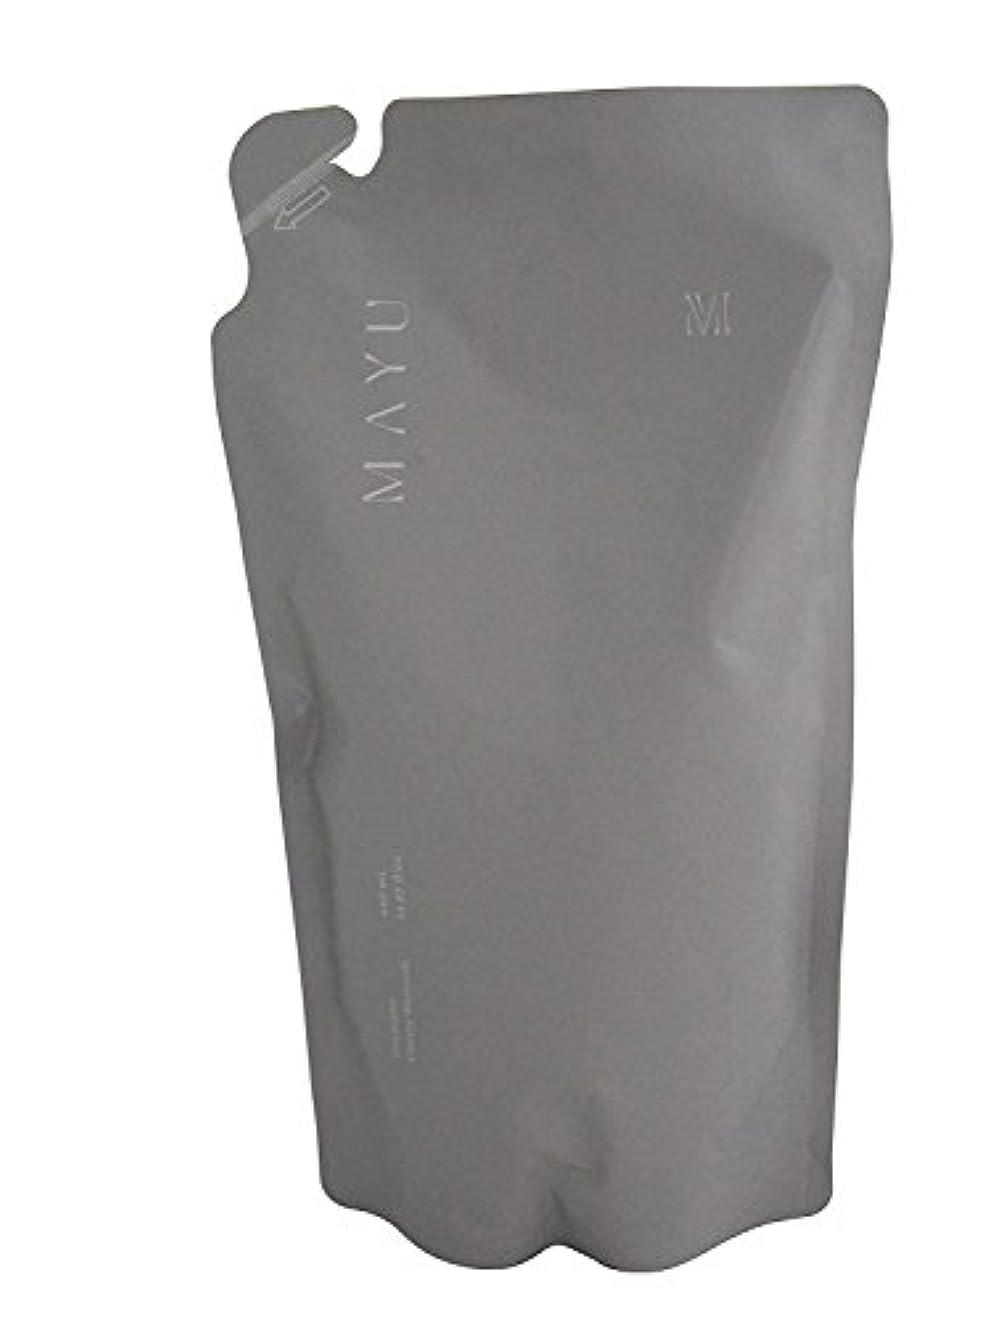 ランダム必須達成する【365Plus】 MAYU さくらの香りシャンプー リフィル(440ml) 1本入り